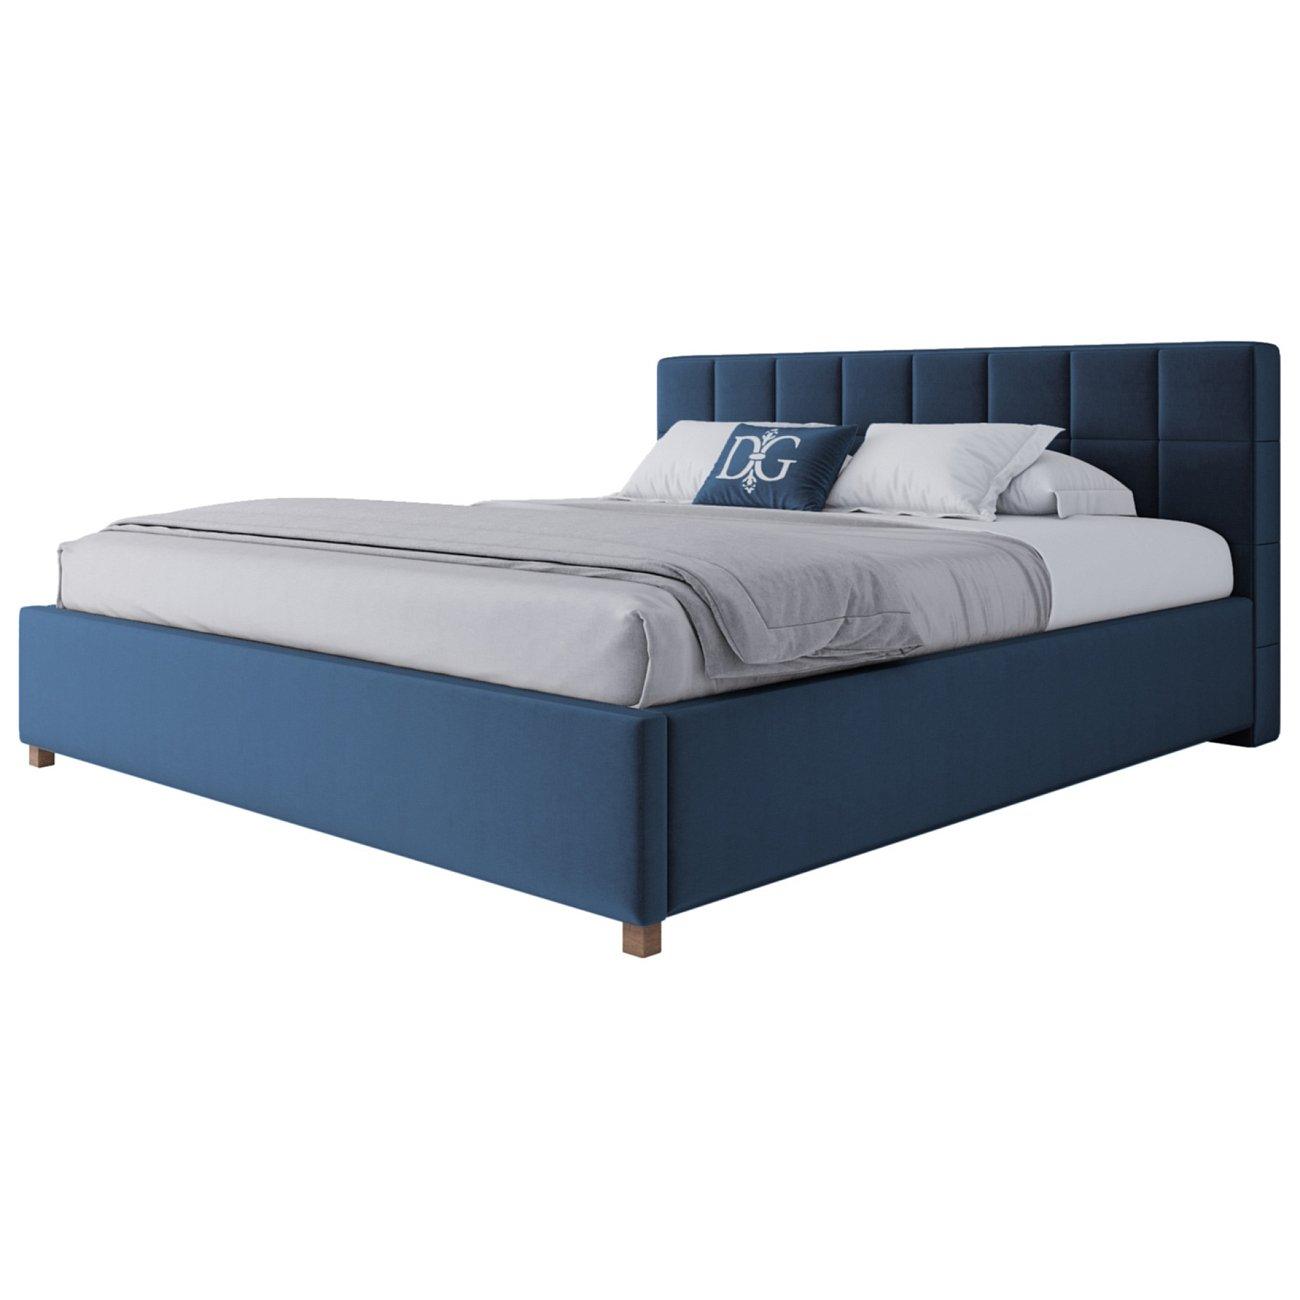 Купить Кровать Wales 180х200 Велюр Морская волна в интернет магазине дизайнерской мебели и аксессуаров для дома и дачи